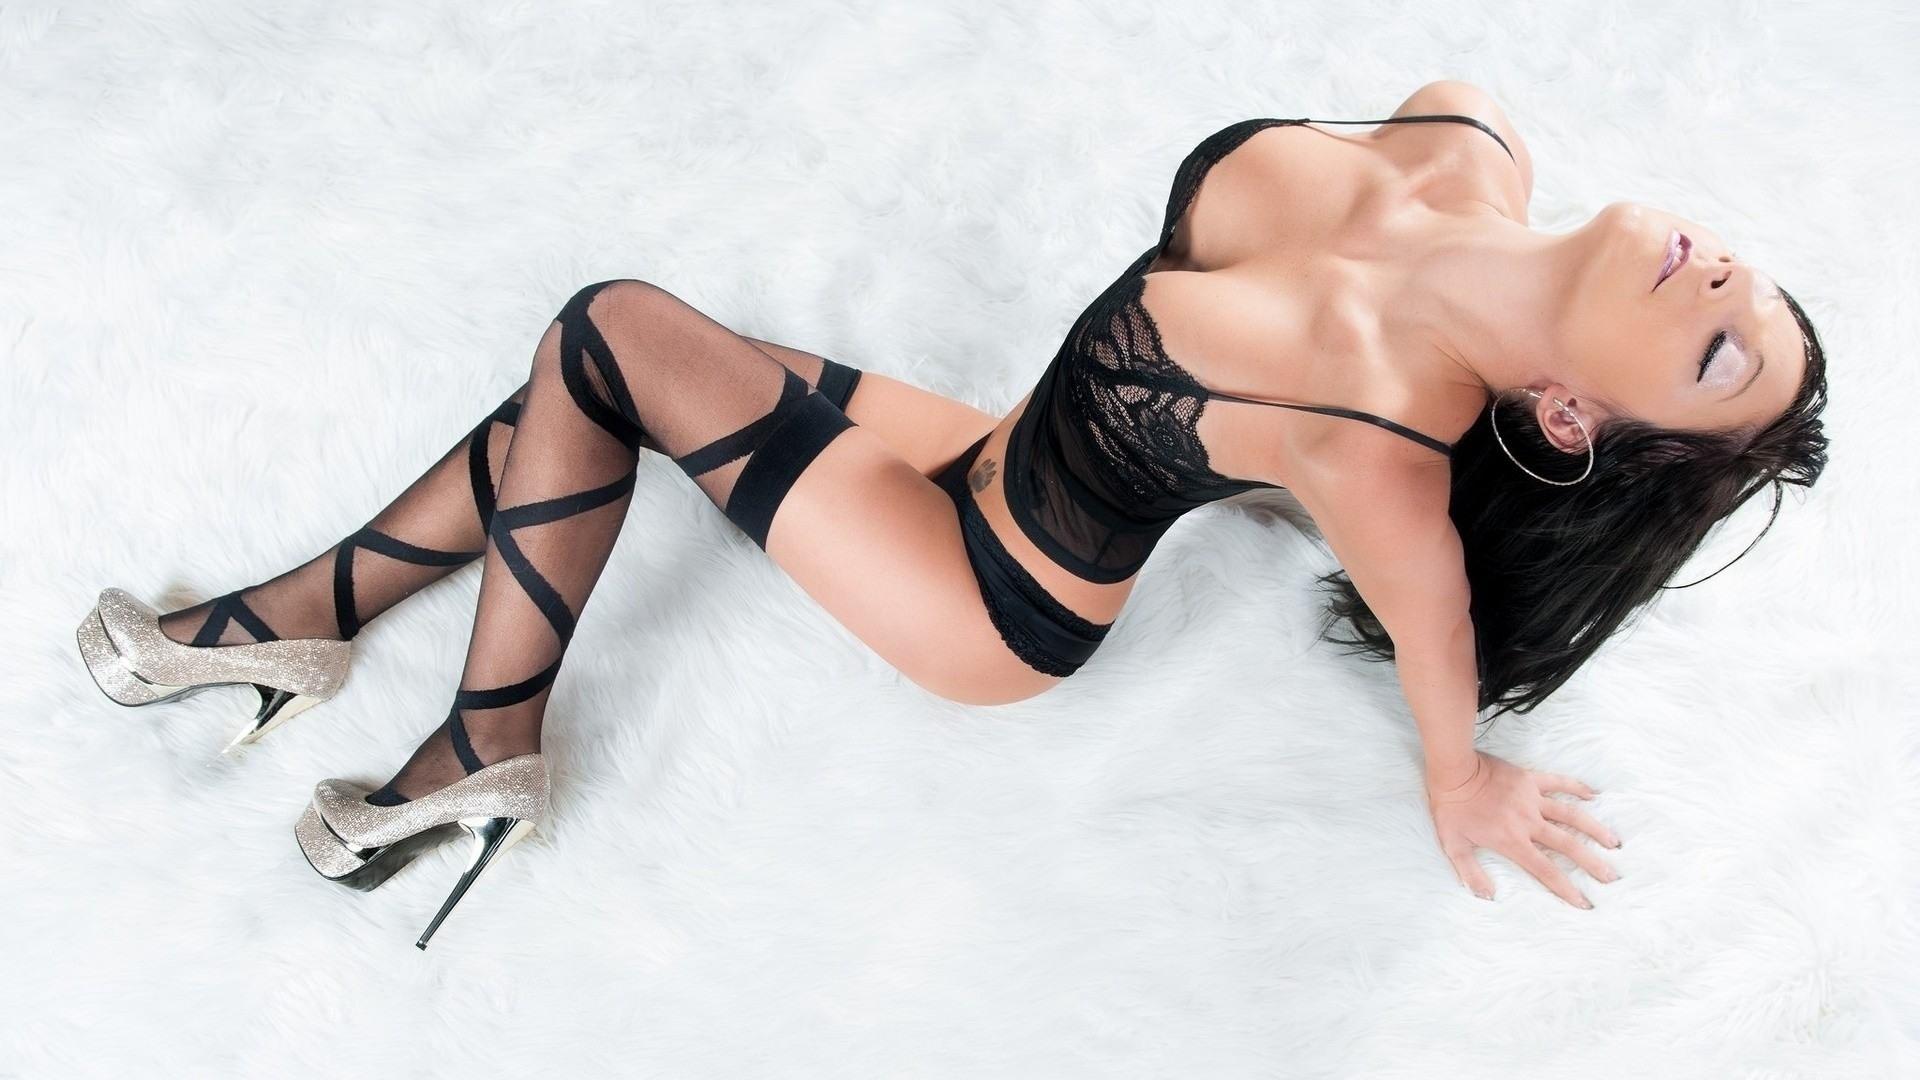 Фото Горячая брюнетка в черной ночнушке, соблазнительная грудь, полосатые чулочки, серебристые каблуки, скачать картинку бесплатно